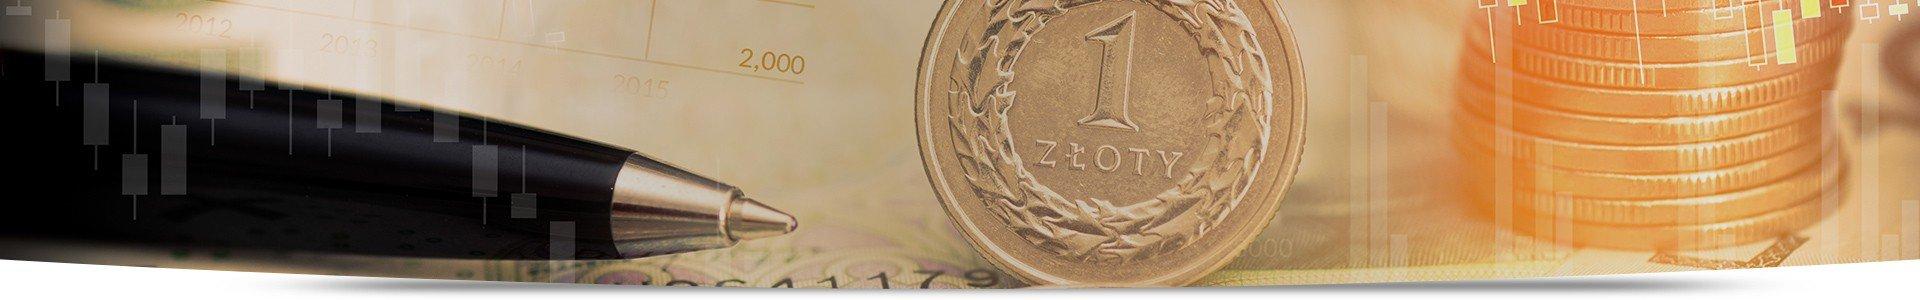 Długopis, złotówka oraz stos monet